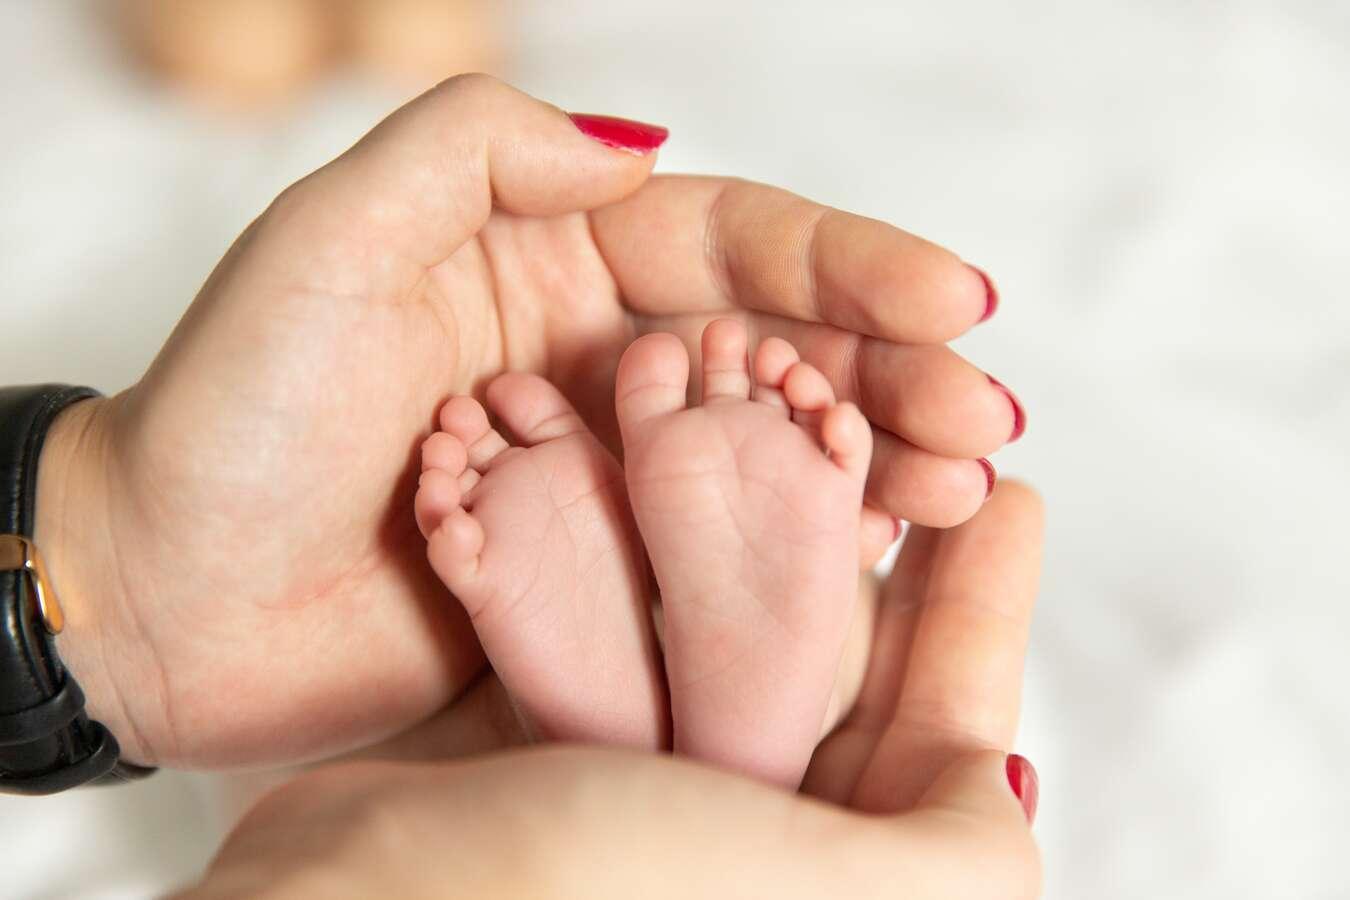 susanbonhoffotografie.newbornshoot.eerbeek-15.jpg